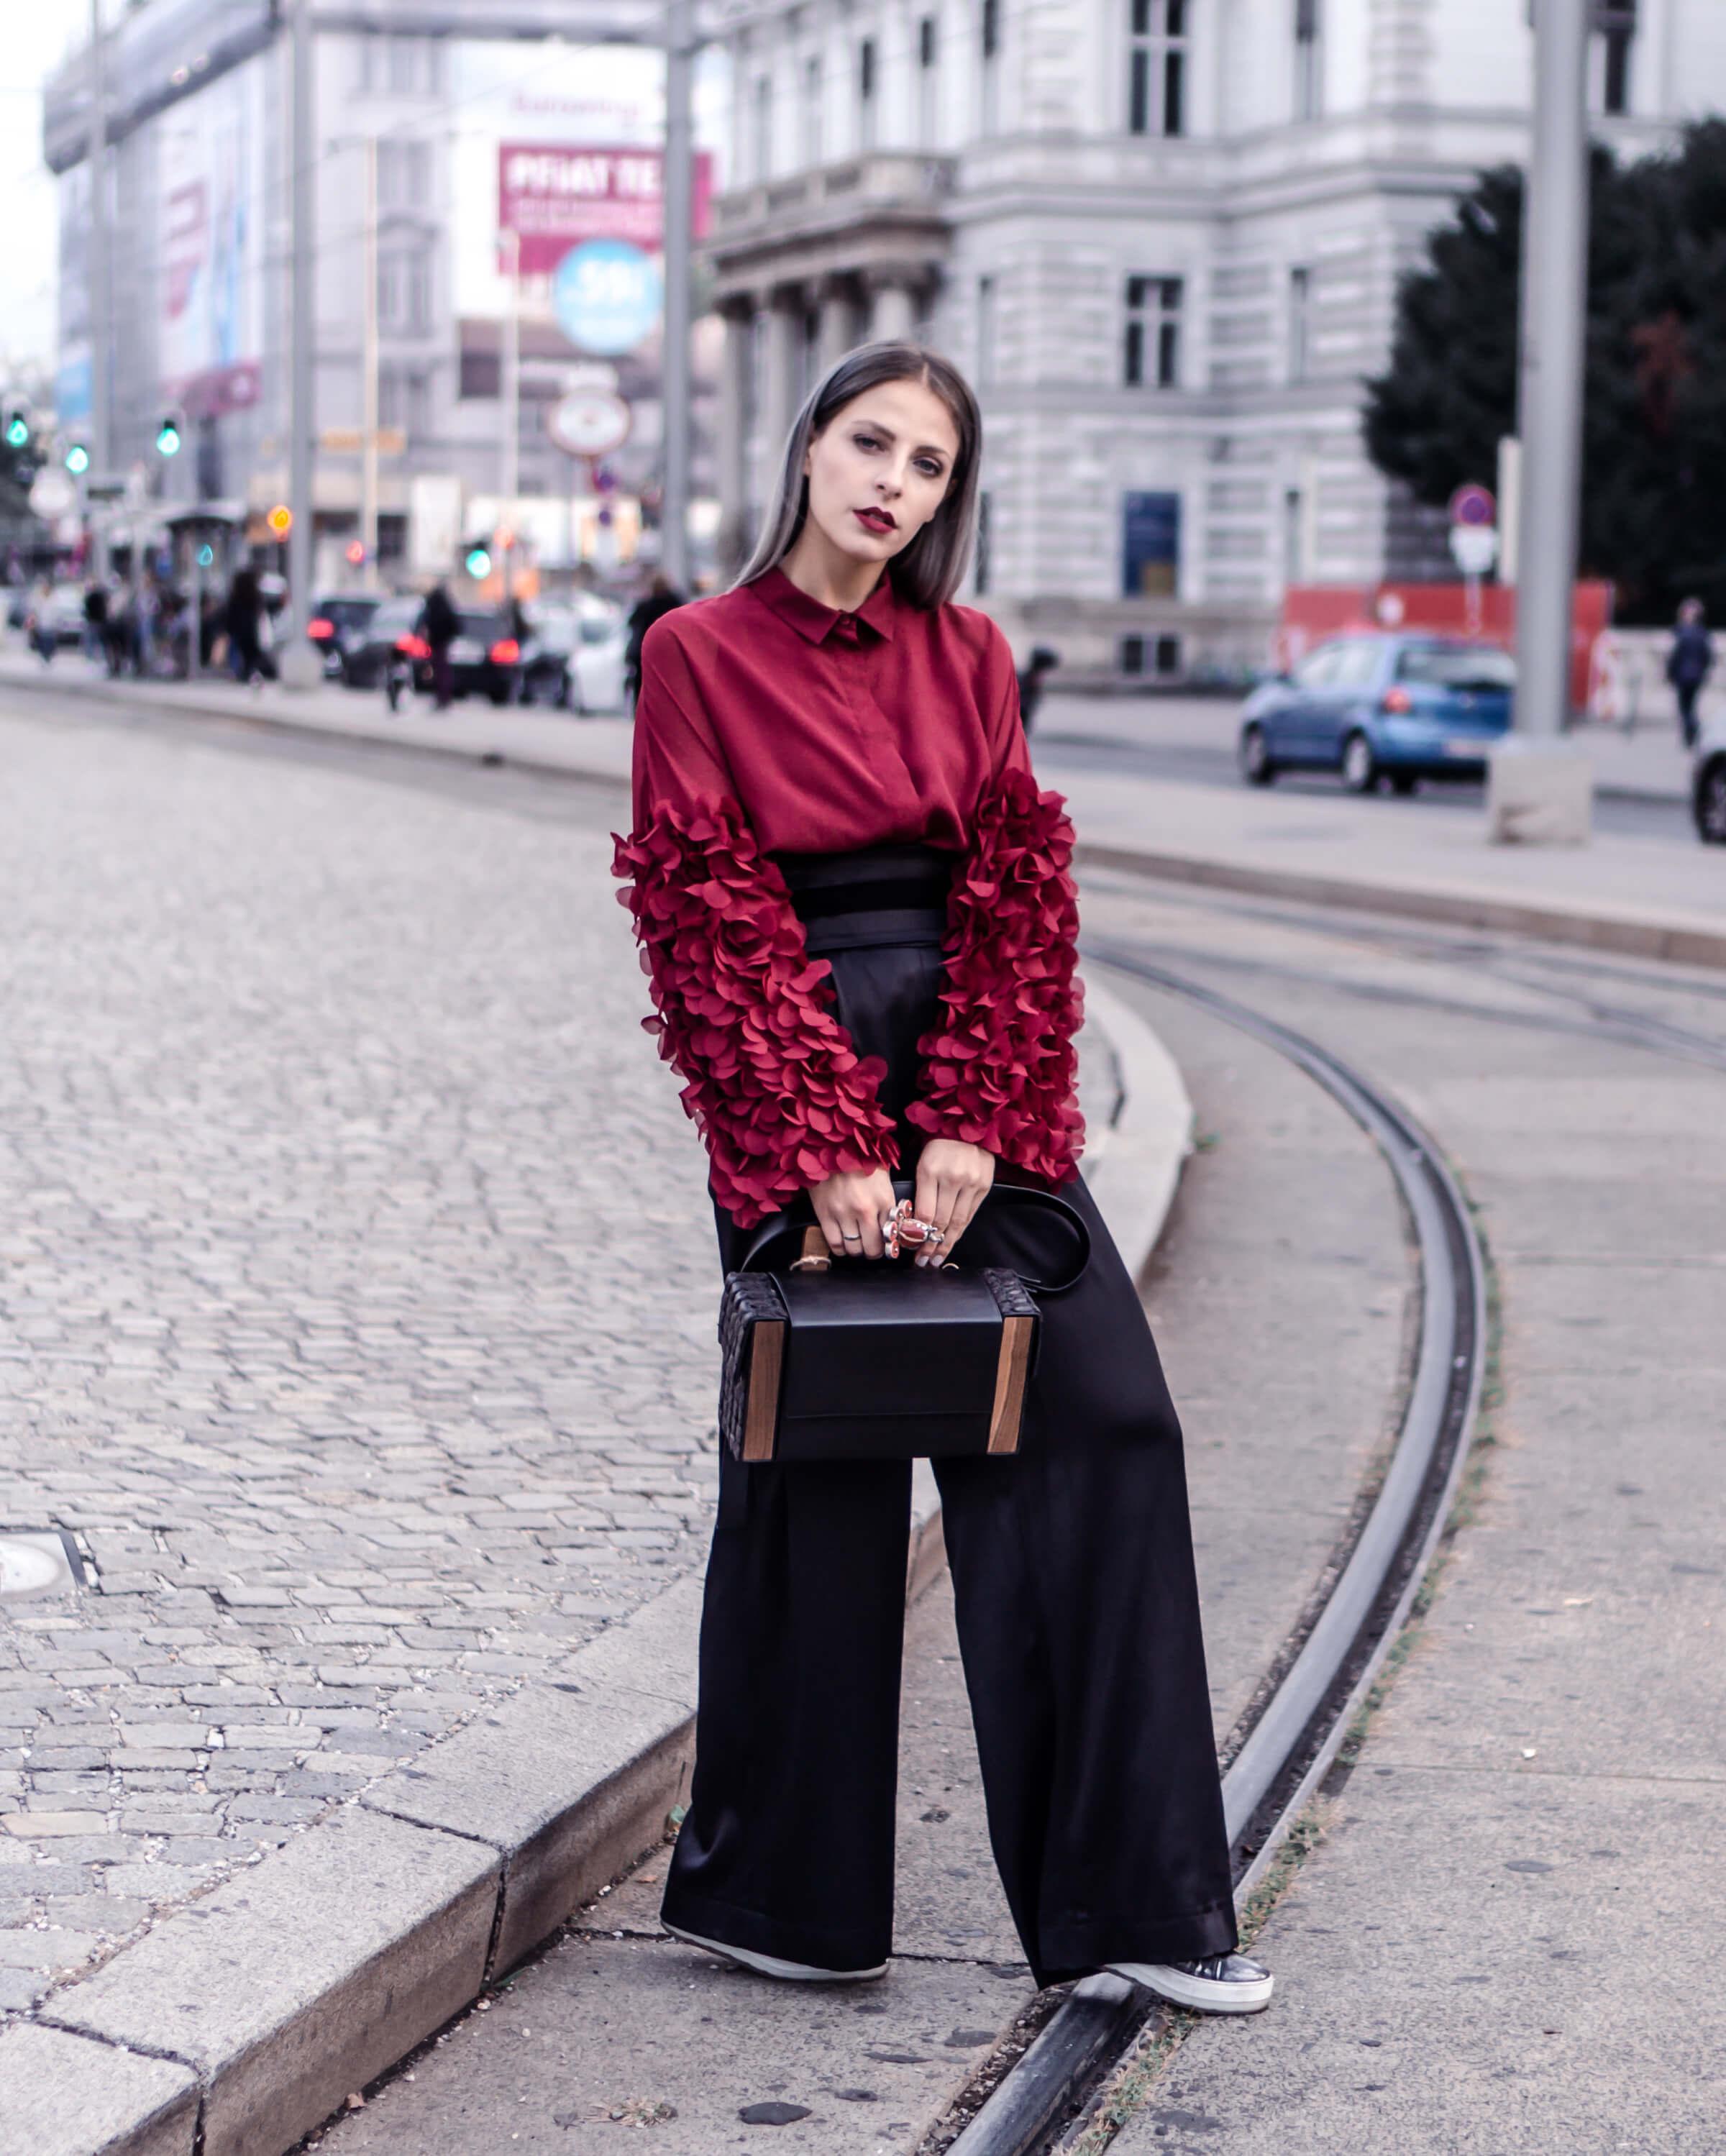 Designergeschäfte und Boutiquen in Wien The Cosmopolitas